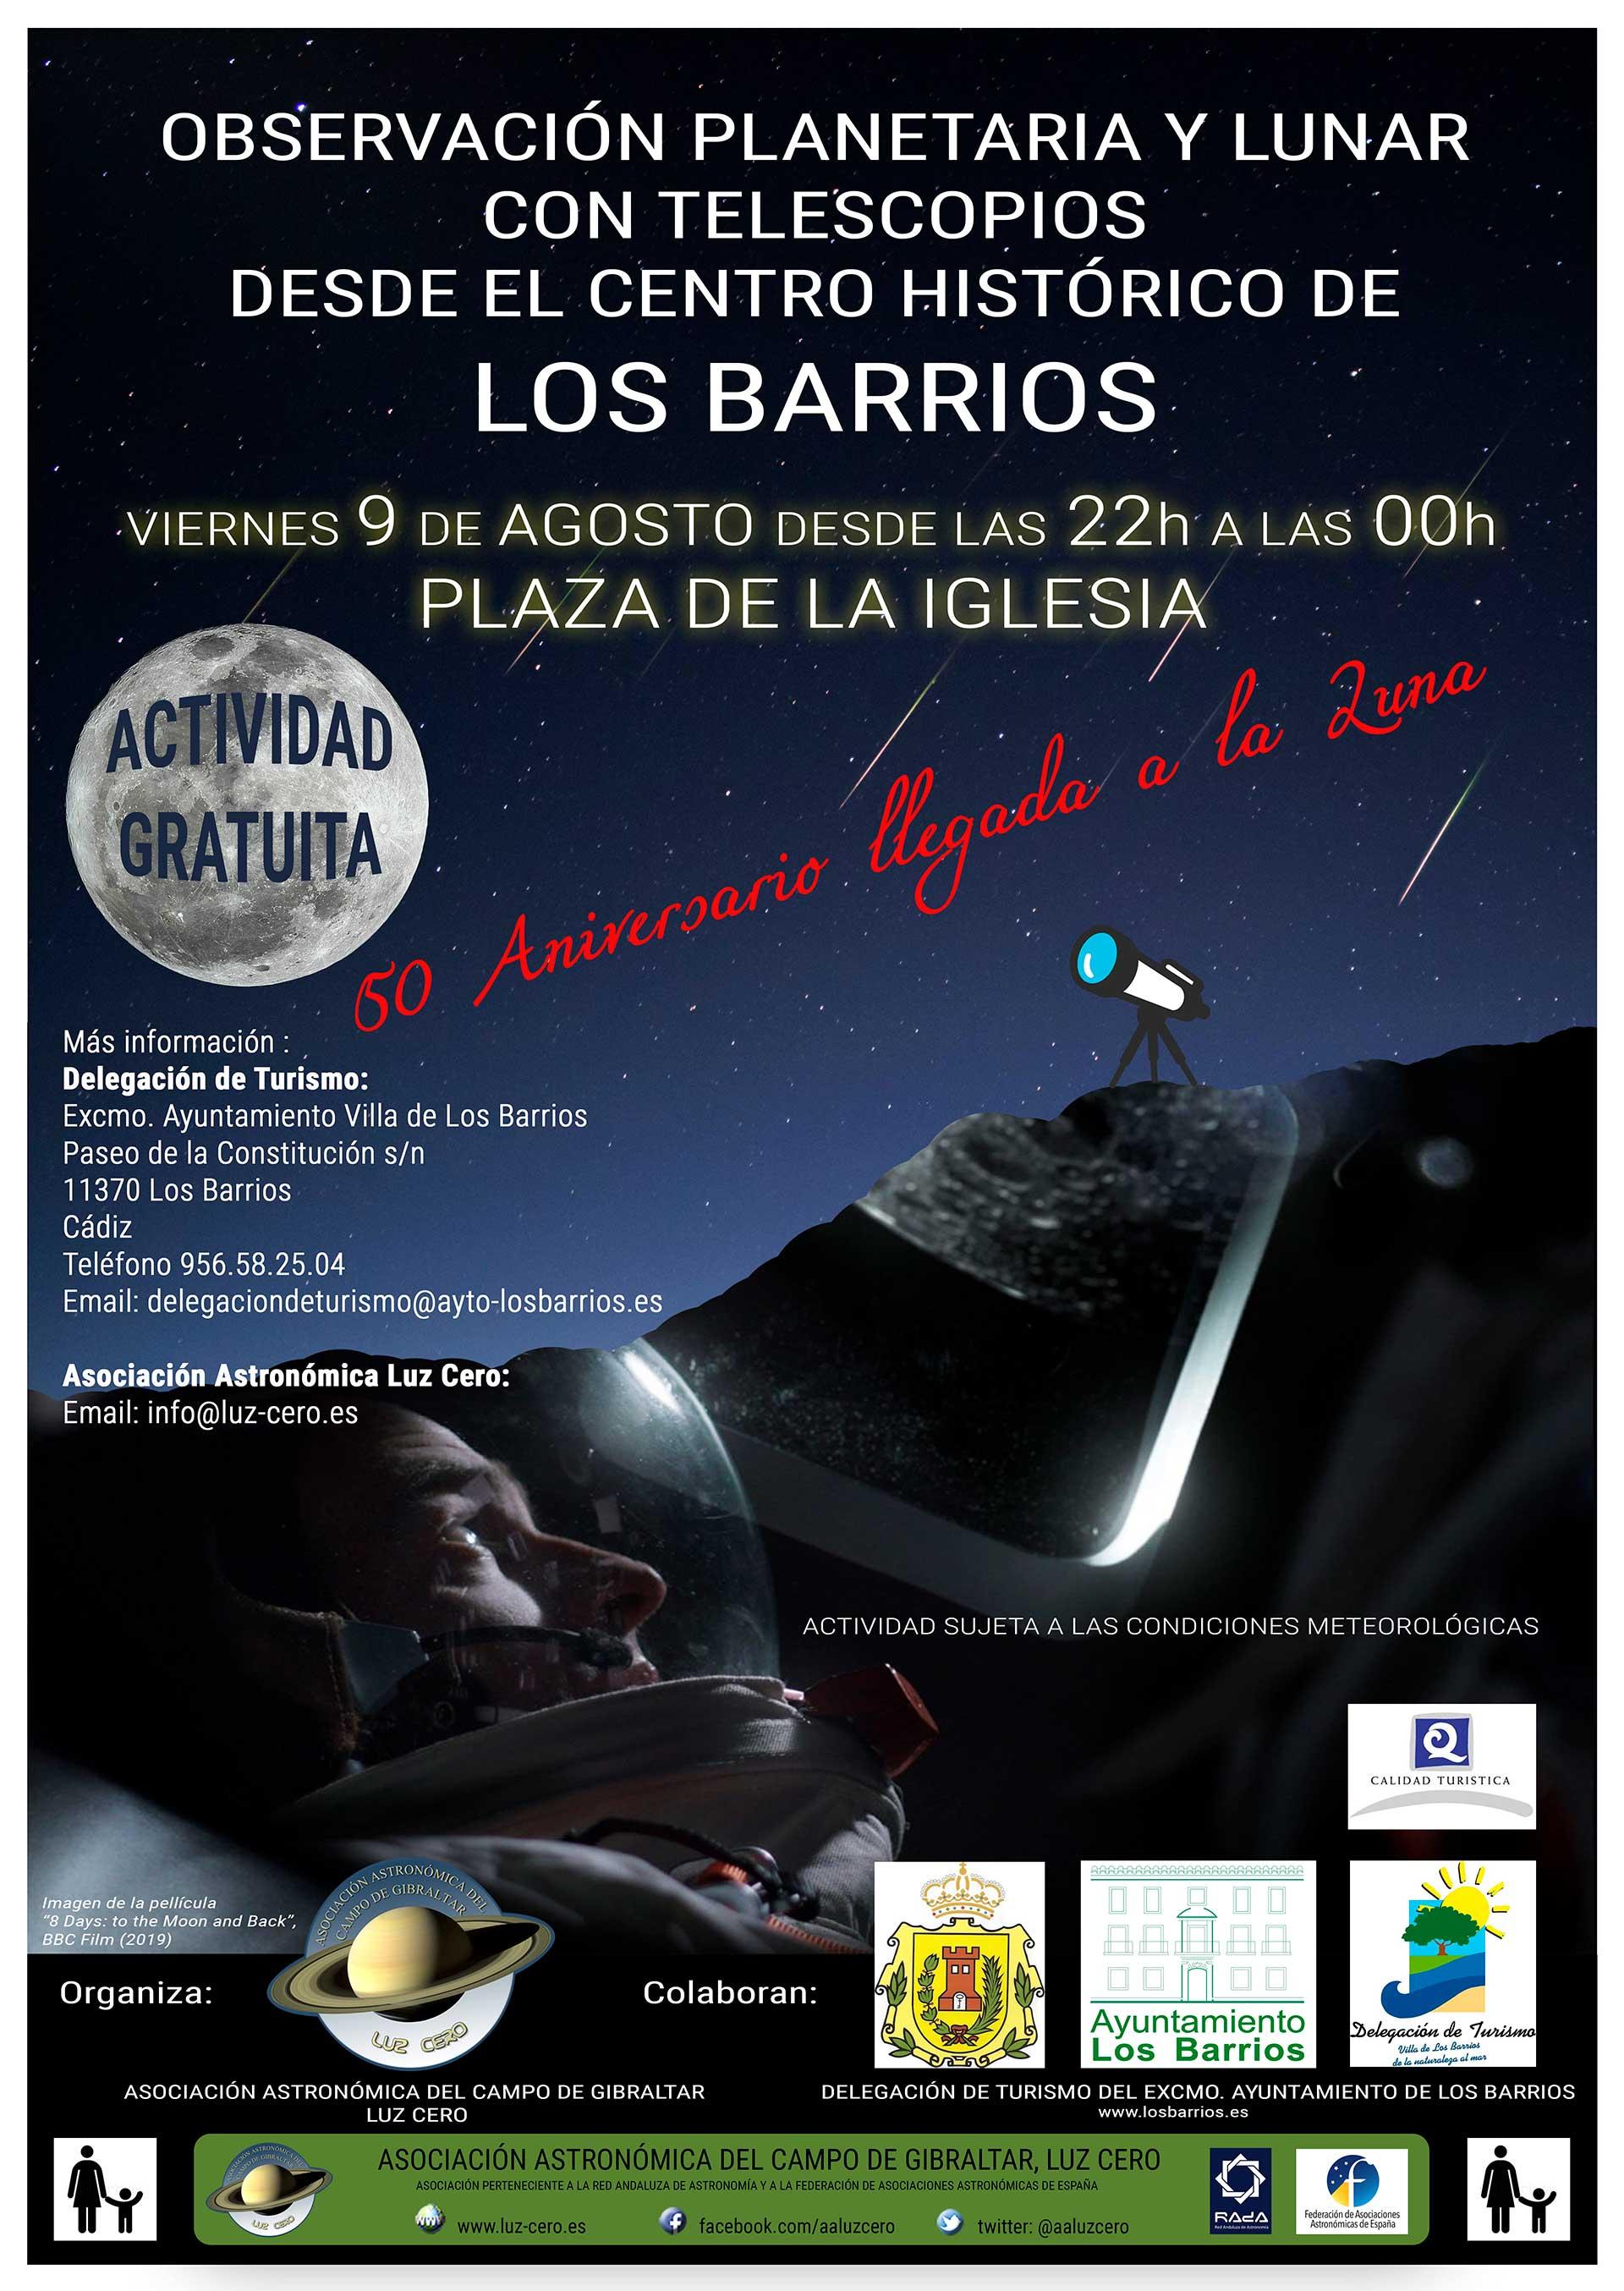 Observación Planetaria y Lunar con telescopios el 9 de agosto 2019